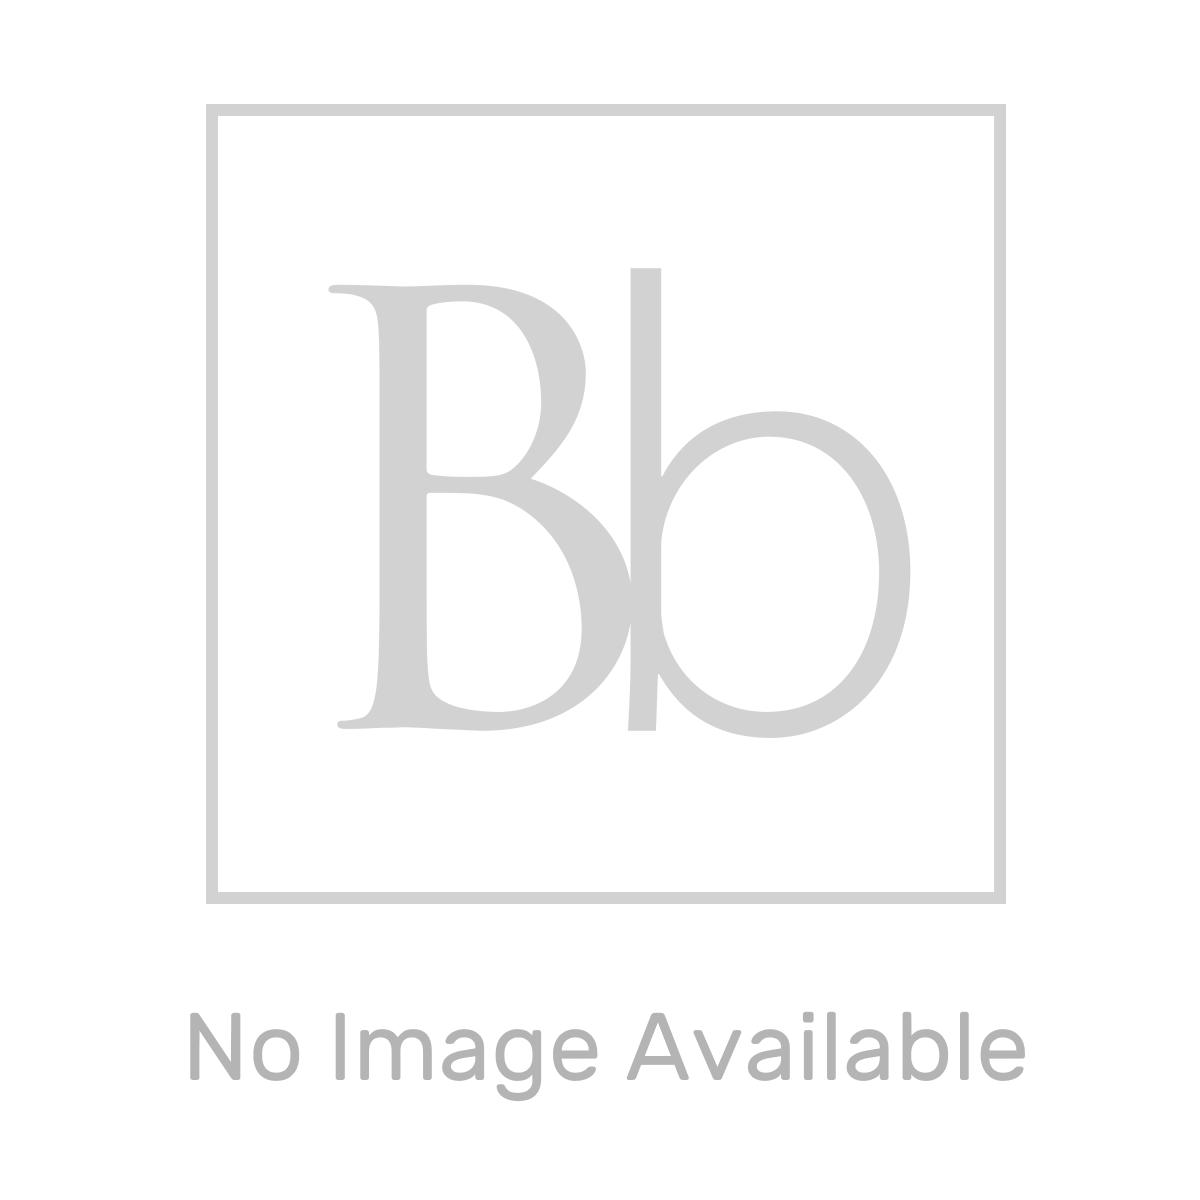 Premier Bliss Close Coupled Toilet Dimensions